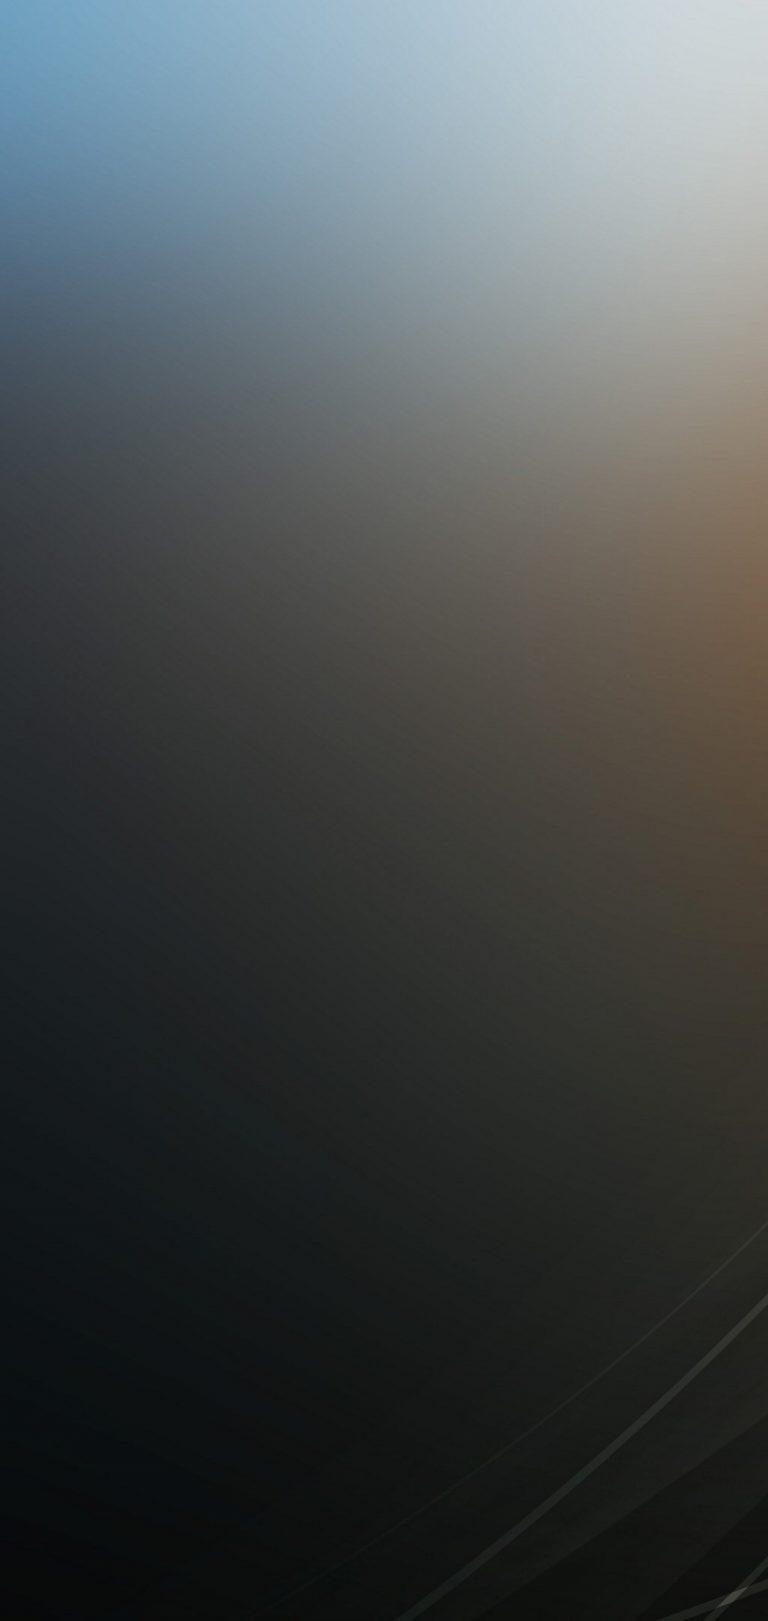 Abstract Light Wallpaper 1080x2280 768x1621